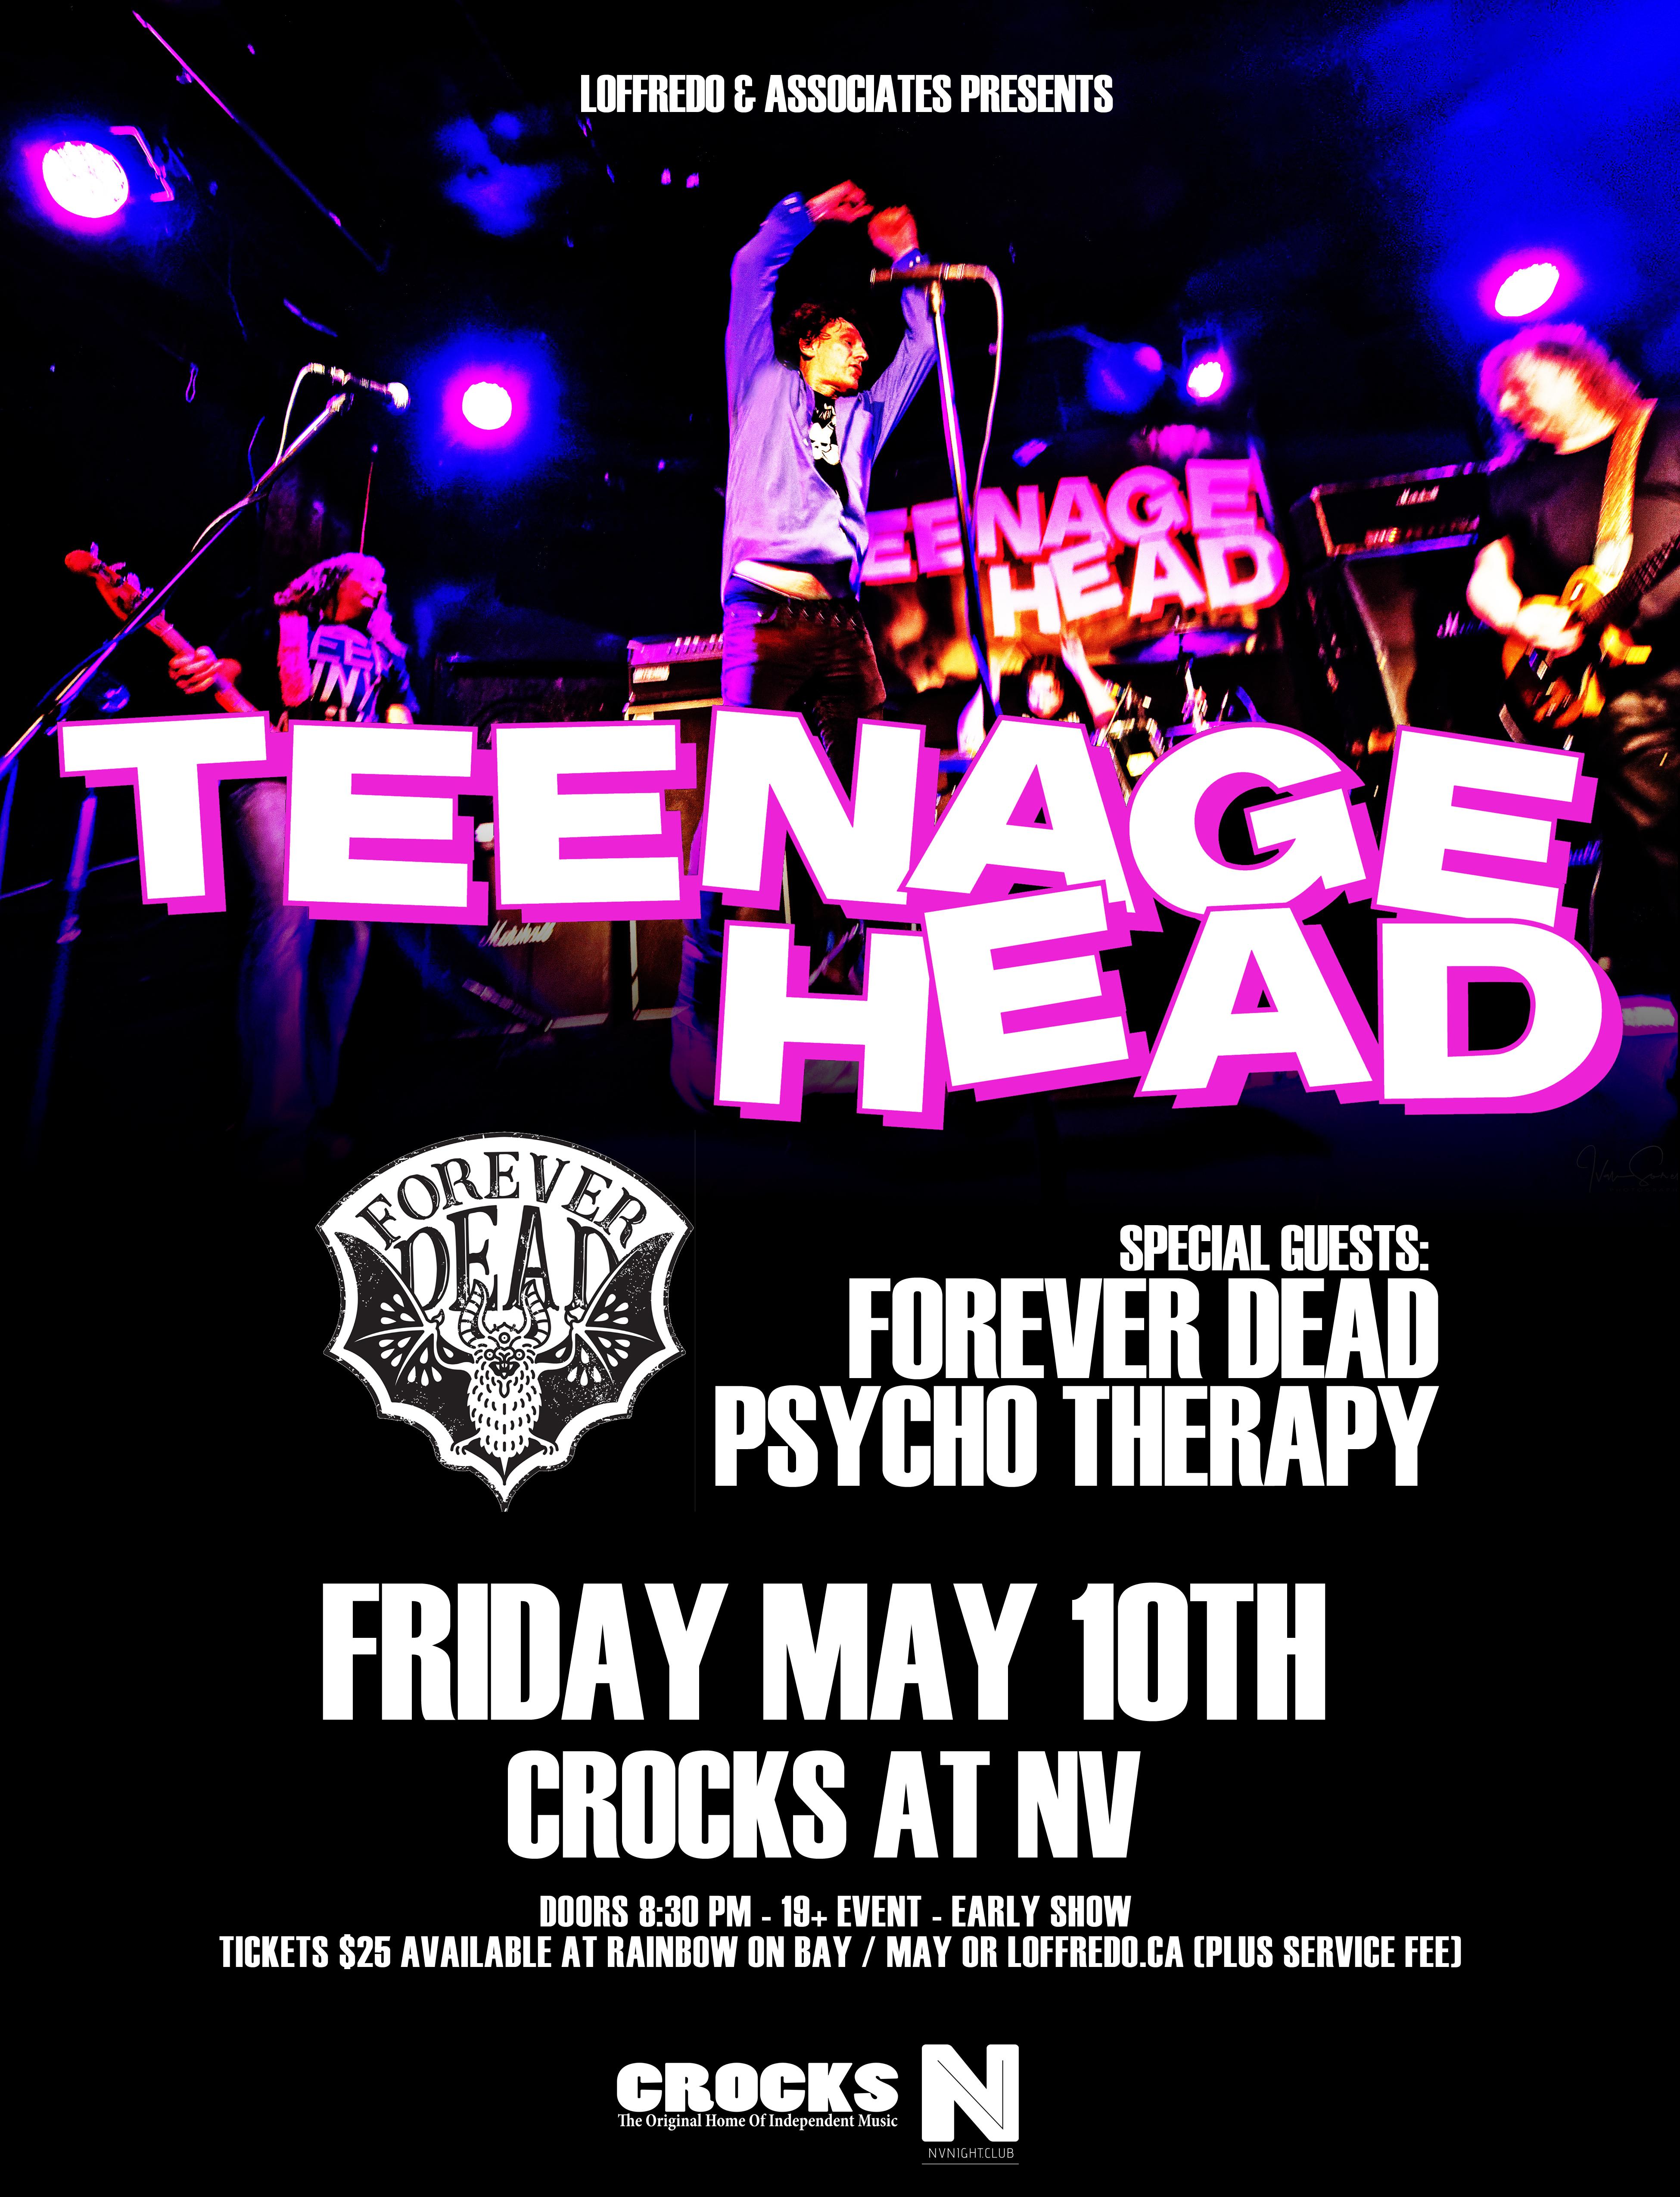 Teenage Head - Friday May 10th - Crocks At NV 00289